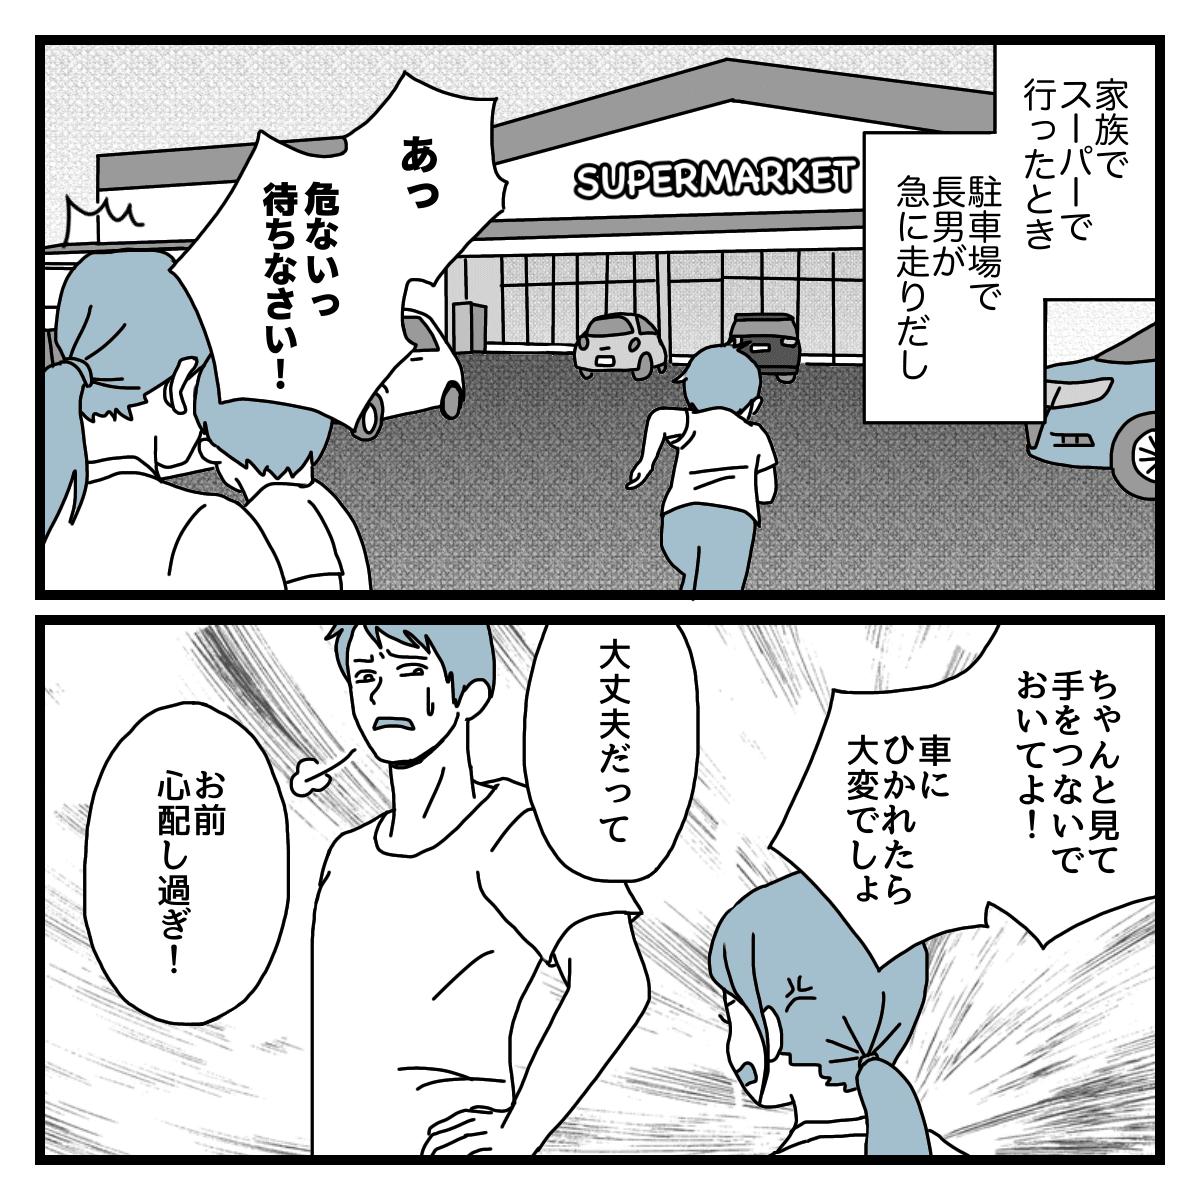 【ダメパパ図鑑64人目】危機意識低すぎ!2